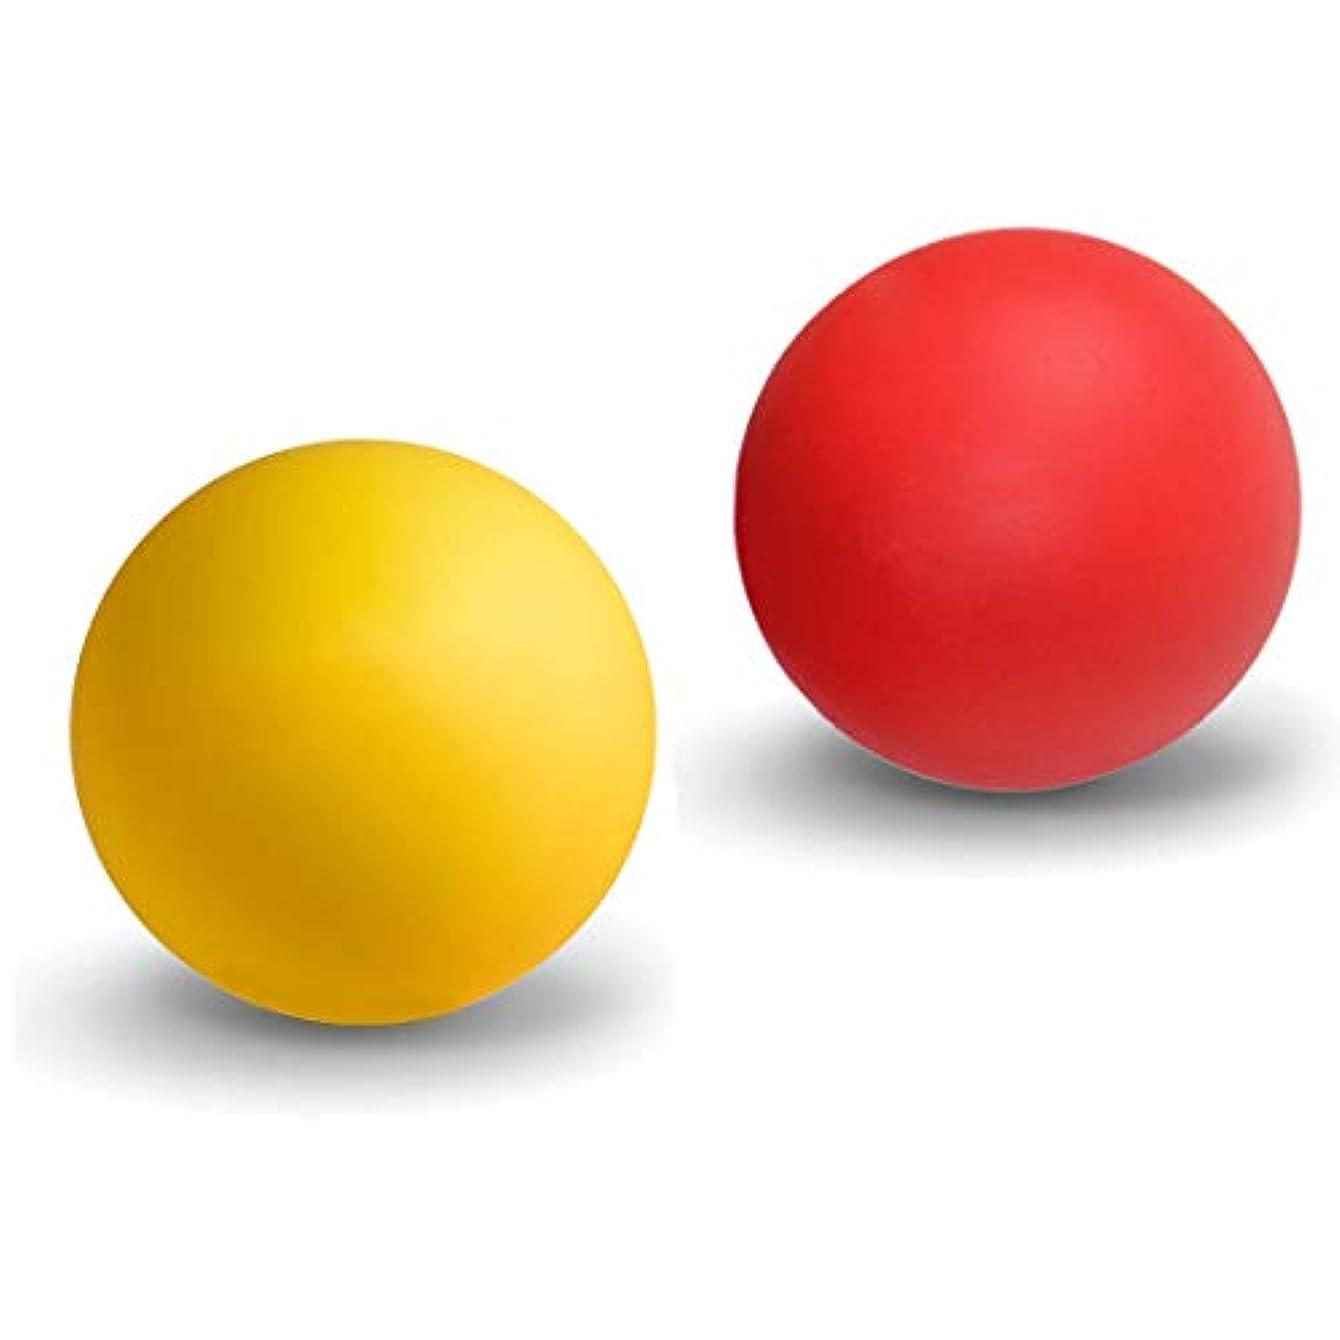 解説行方不明ジャーナリストマッサージボール ストレッチボール トリガーポイント ラクロスボール 筋膜リリース トレーニング 指圧ボールマッスルマッサージボール 背中 肩こり 腰 ふくらはぎ 足裏 ツボ押しグッズ 2で1組み合わせ 2個 セット